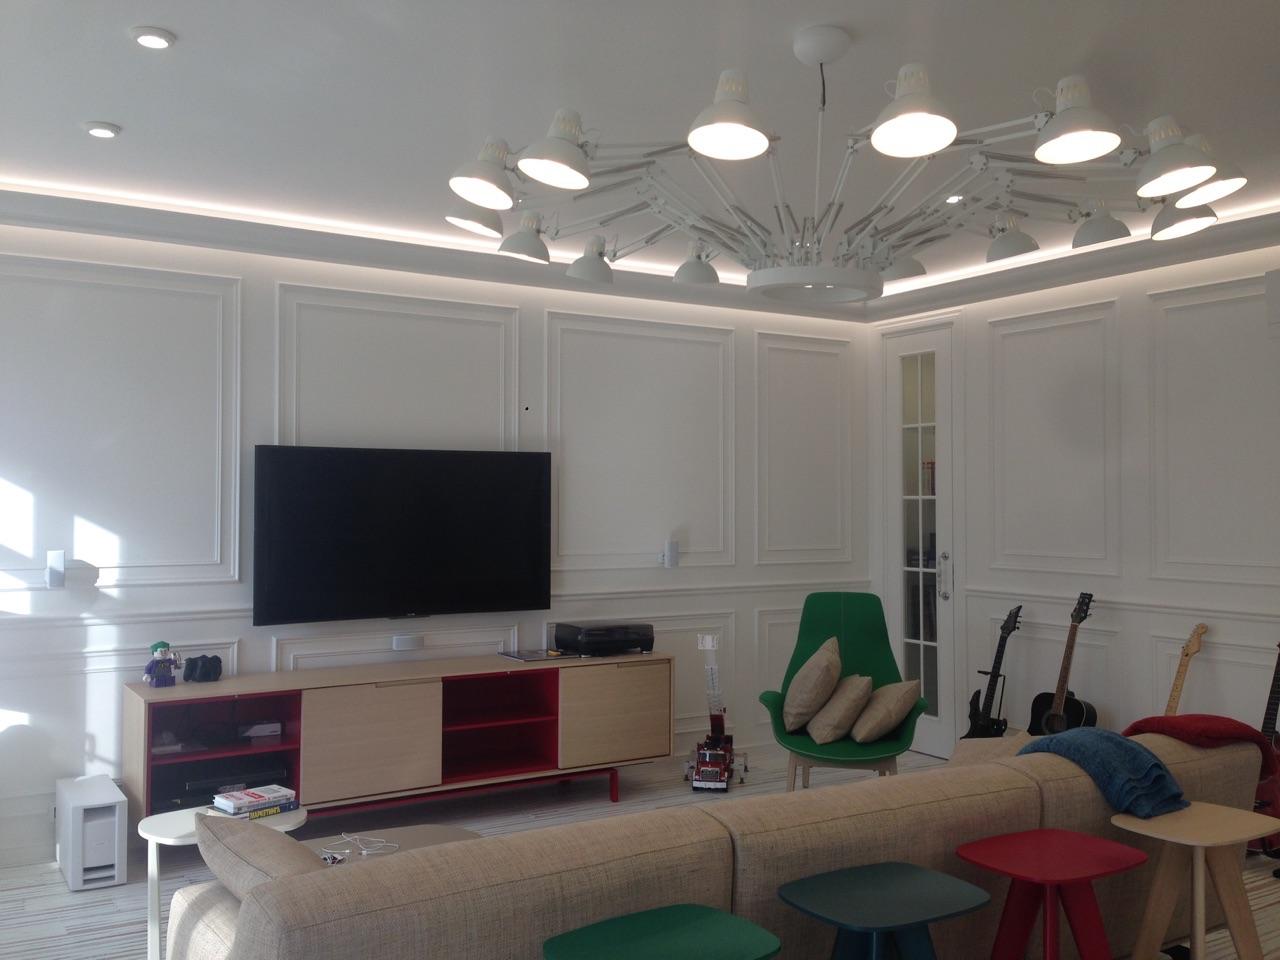 Progettazione interni arredatore d 39 interni mosca moscow for Immagini design interni